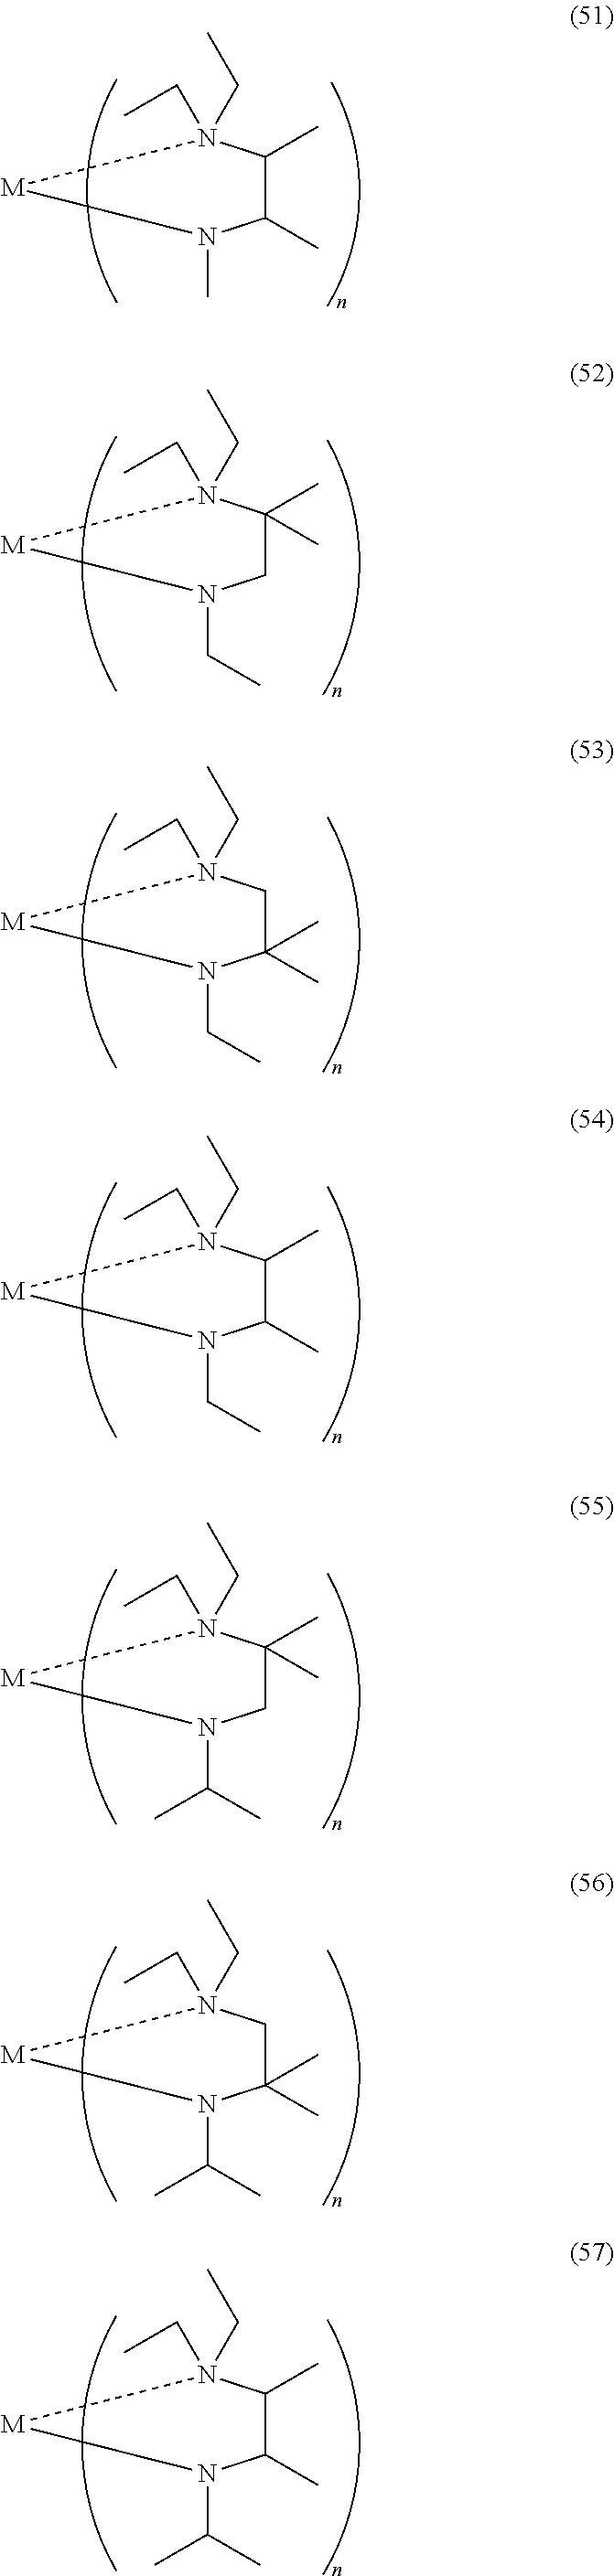 Figure US08871304-20141028-C00021